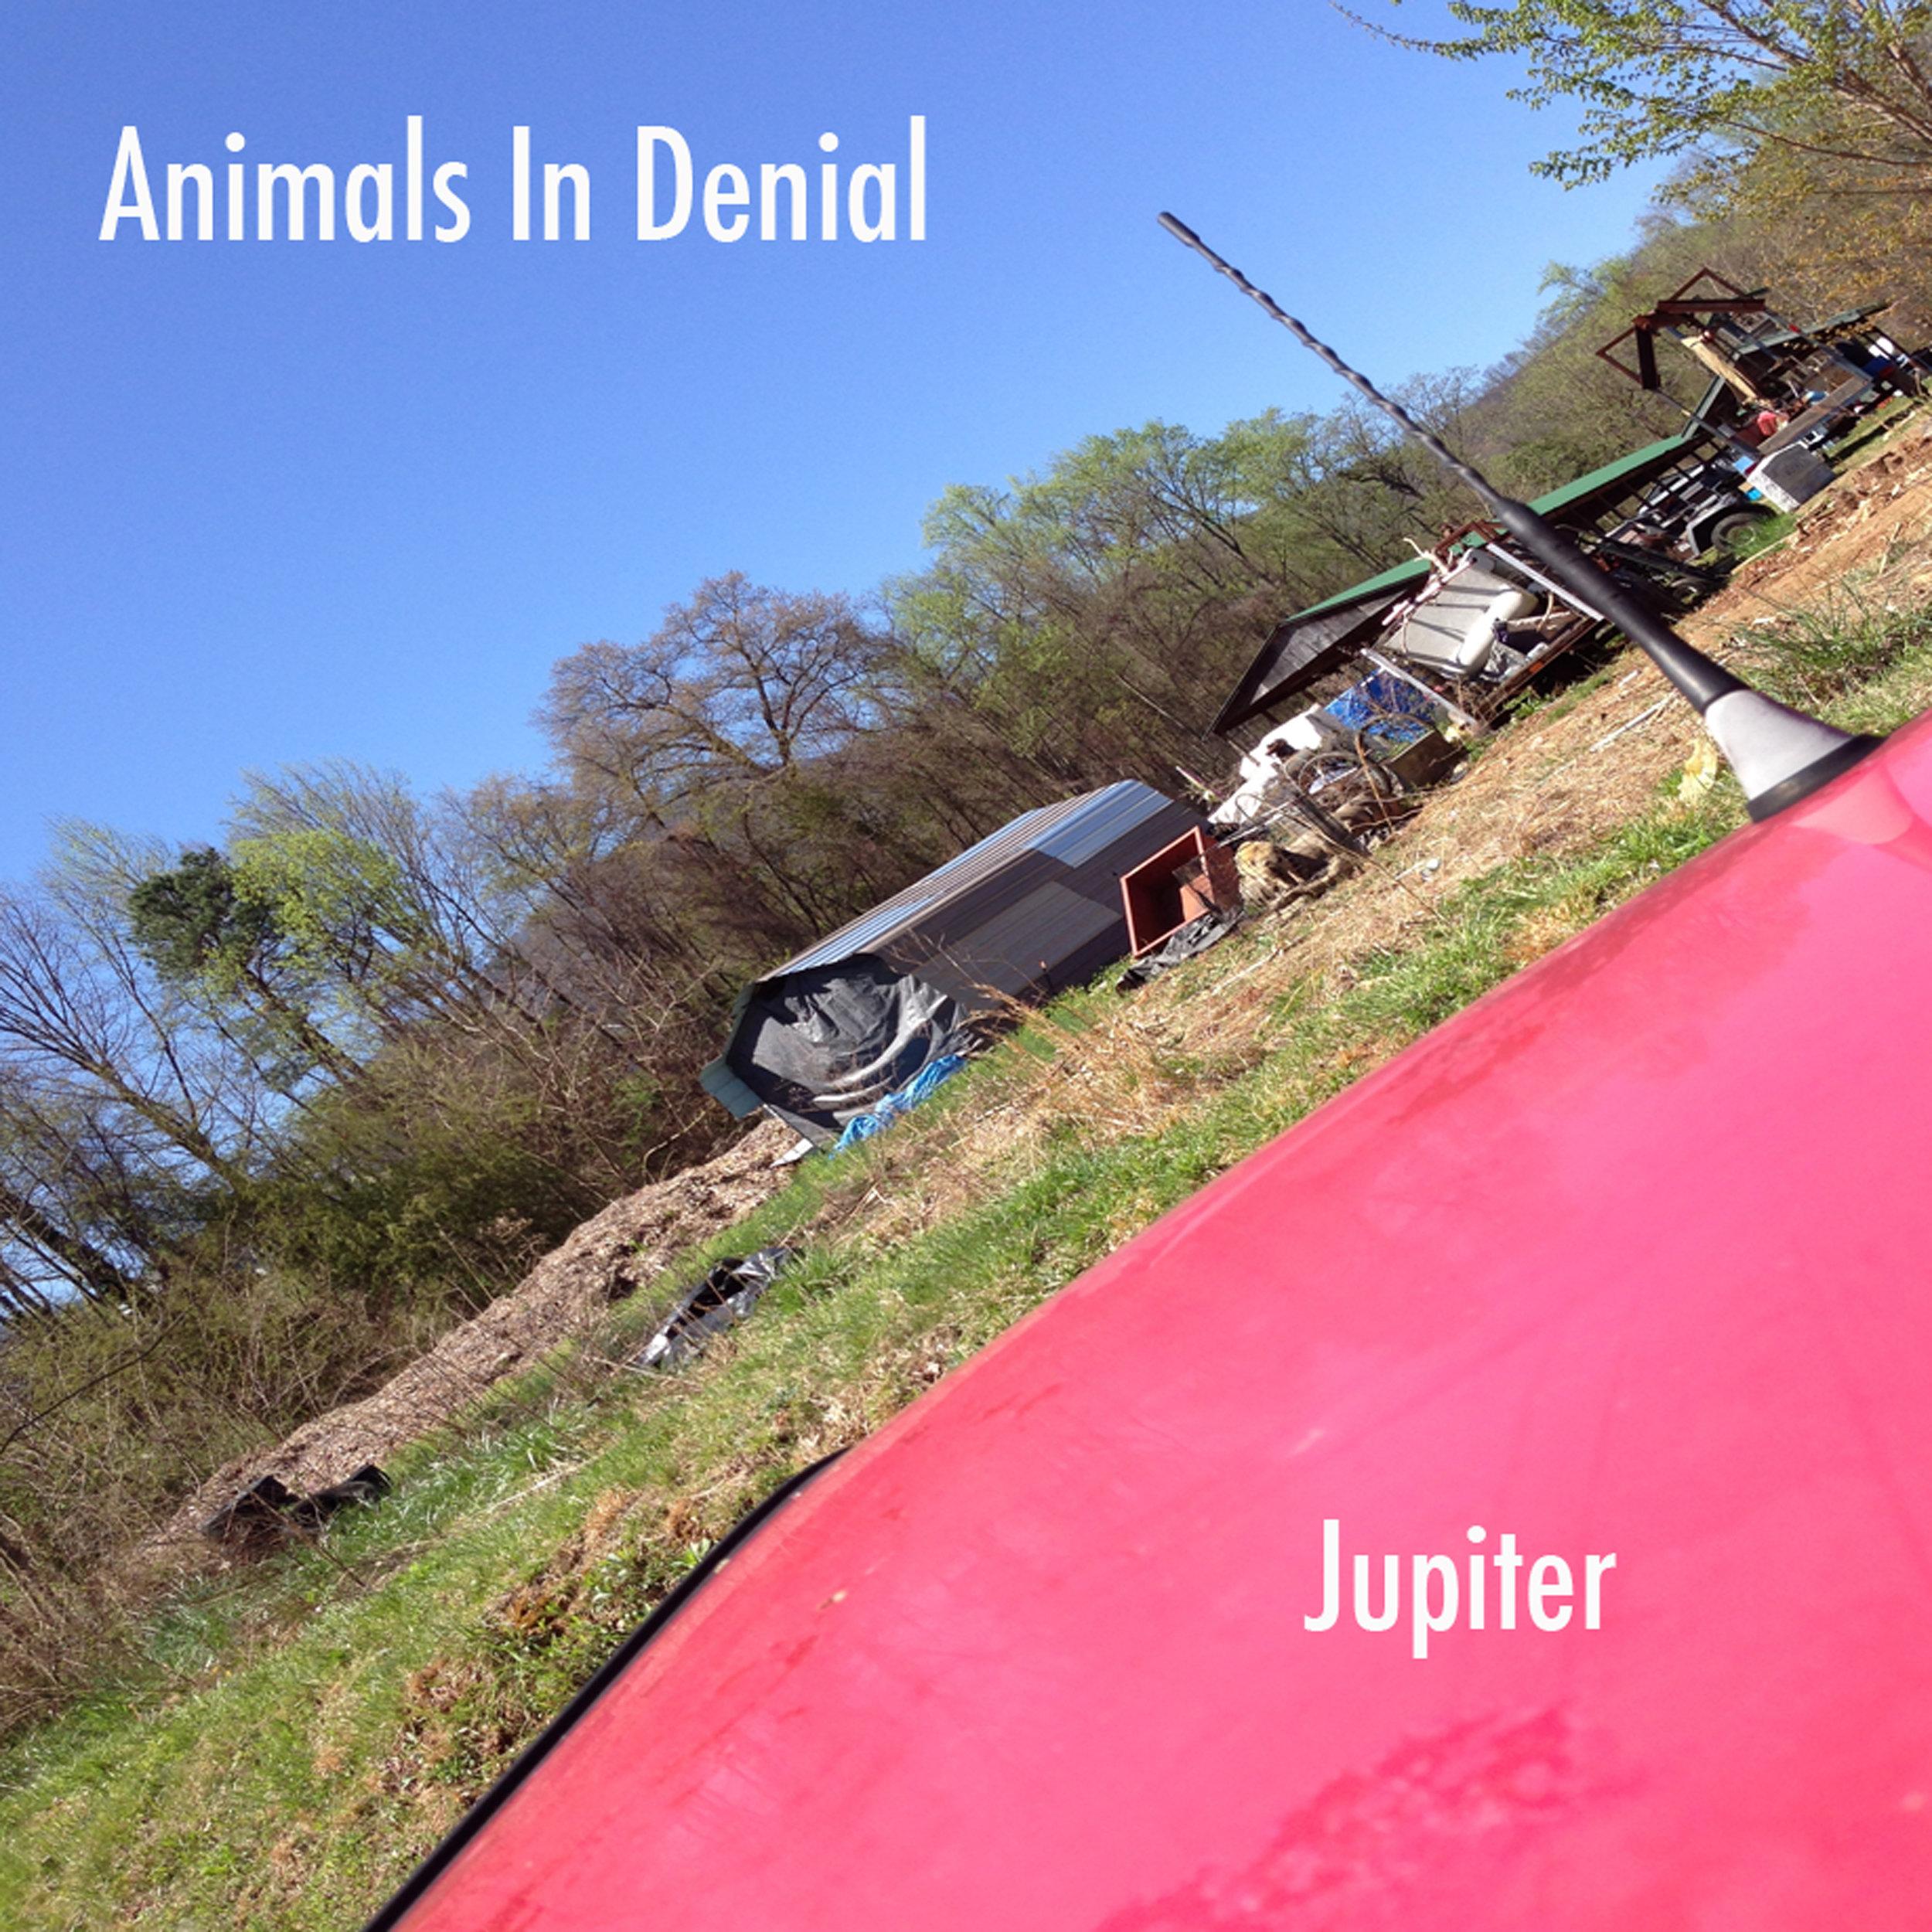 jupiter-cover.jpg